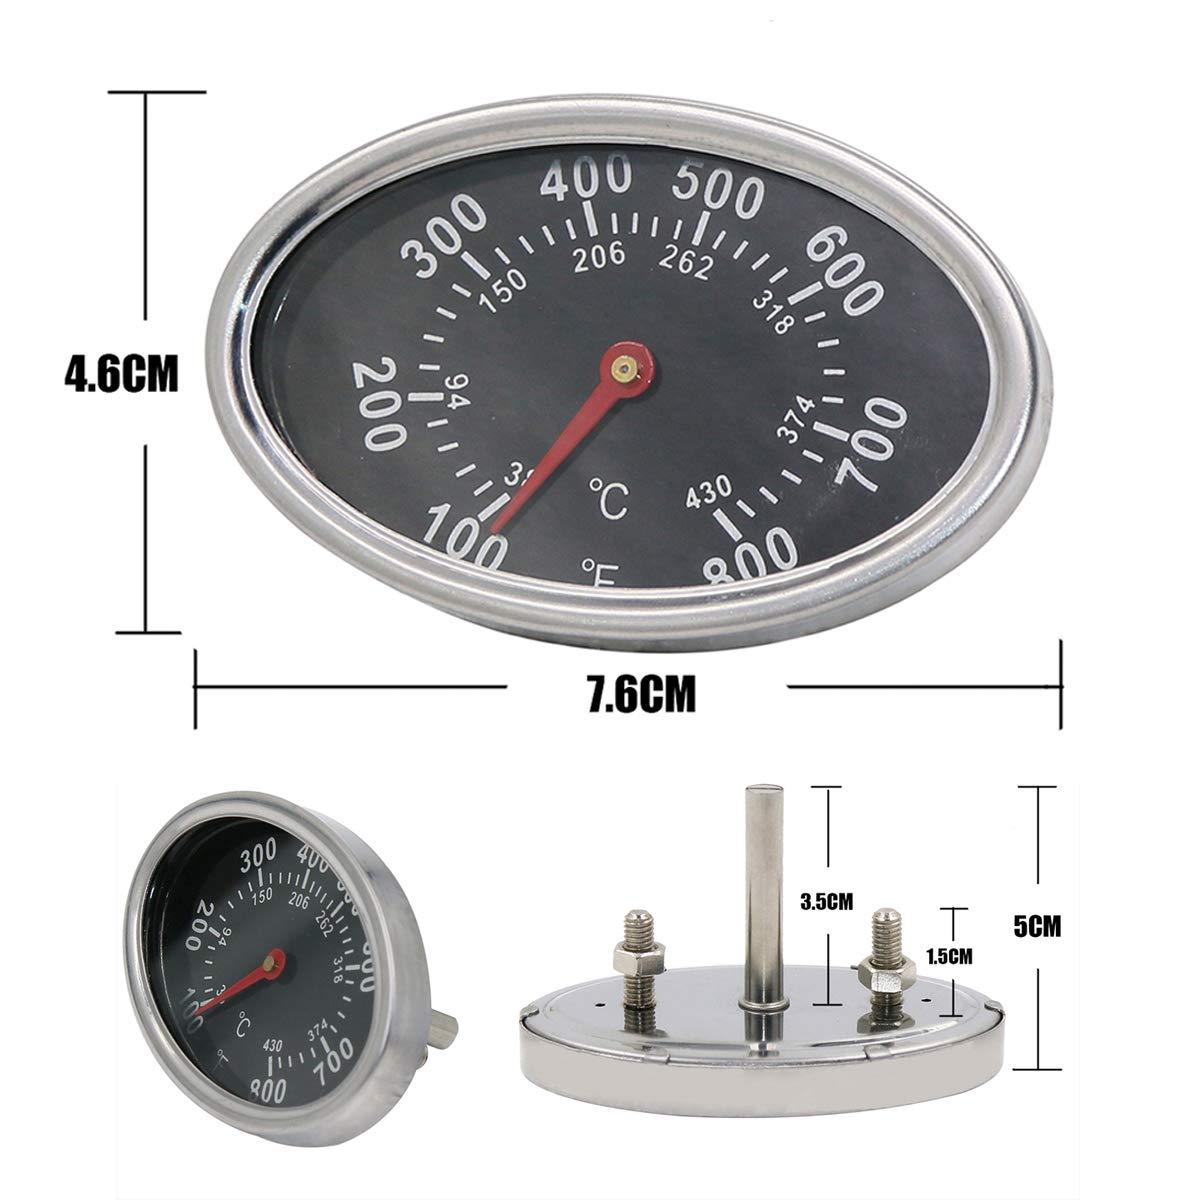 Brinkmann Gas Grill Temperature Gauge 100 F 700 F New ************************